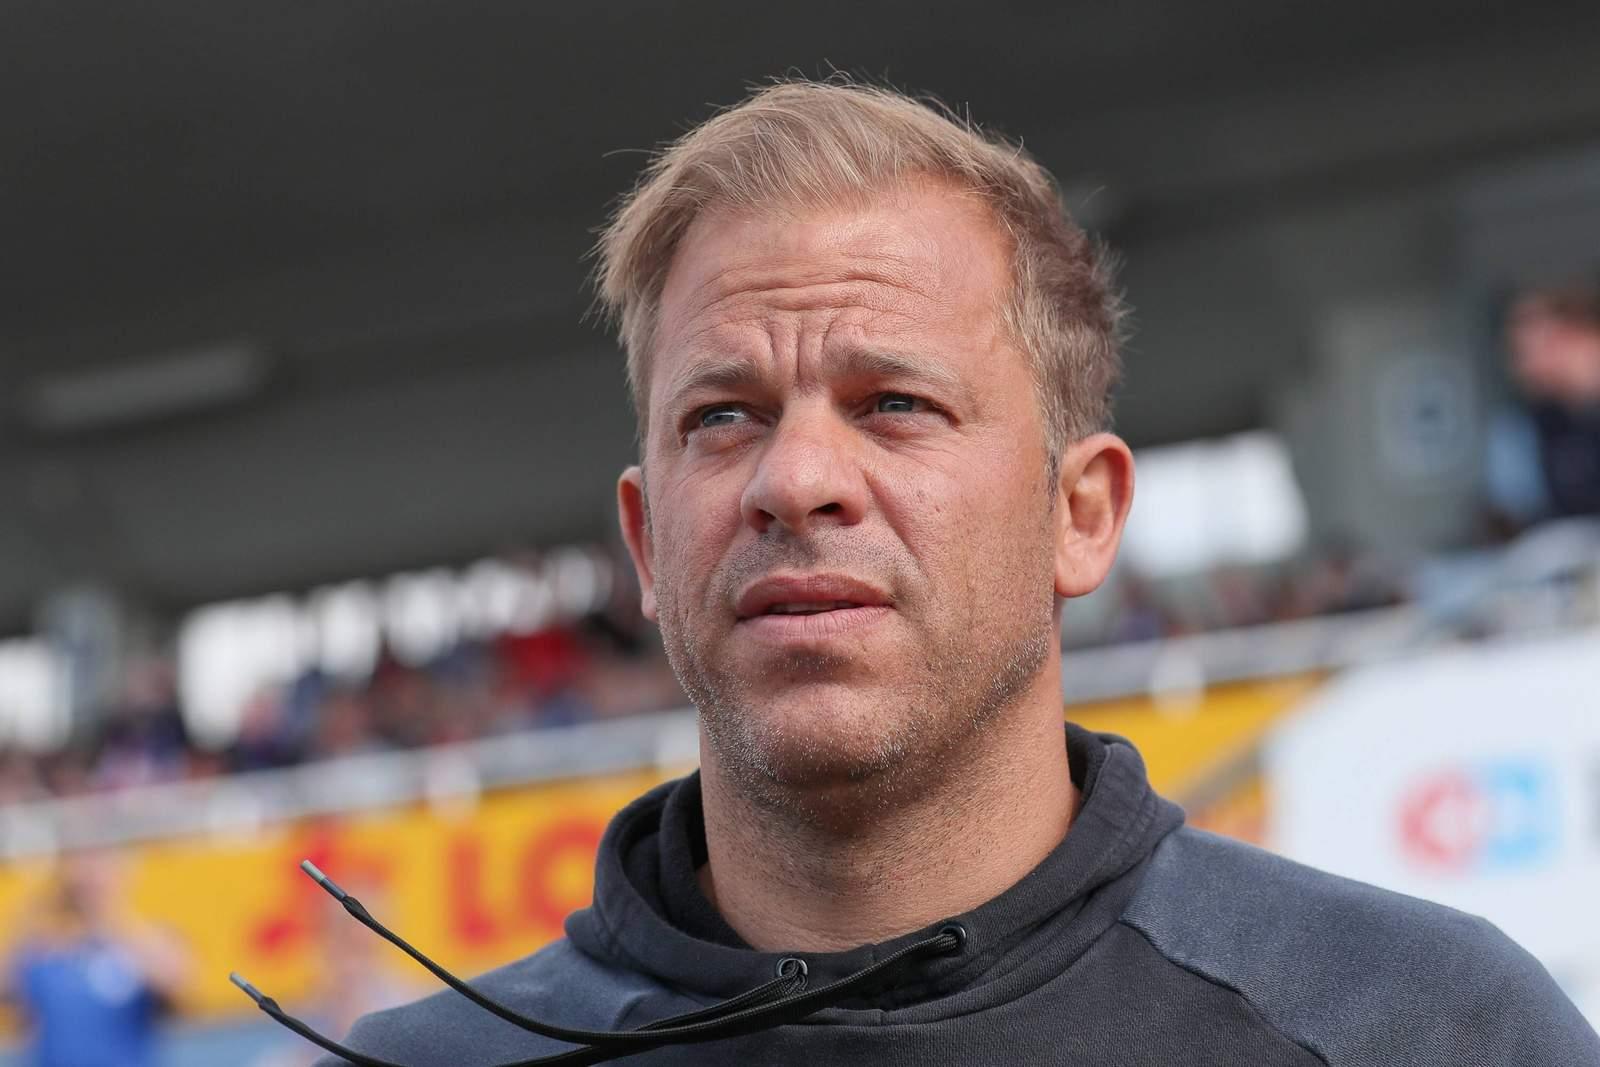 Der Trainer der KSV Markus Anfang